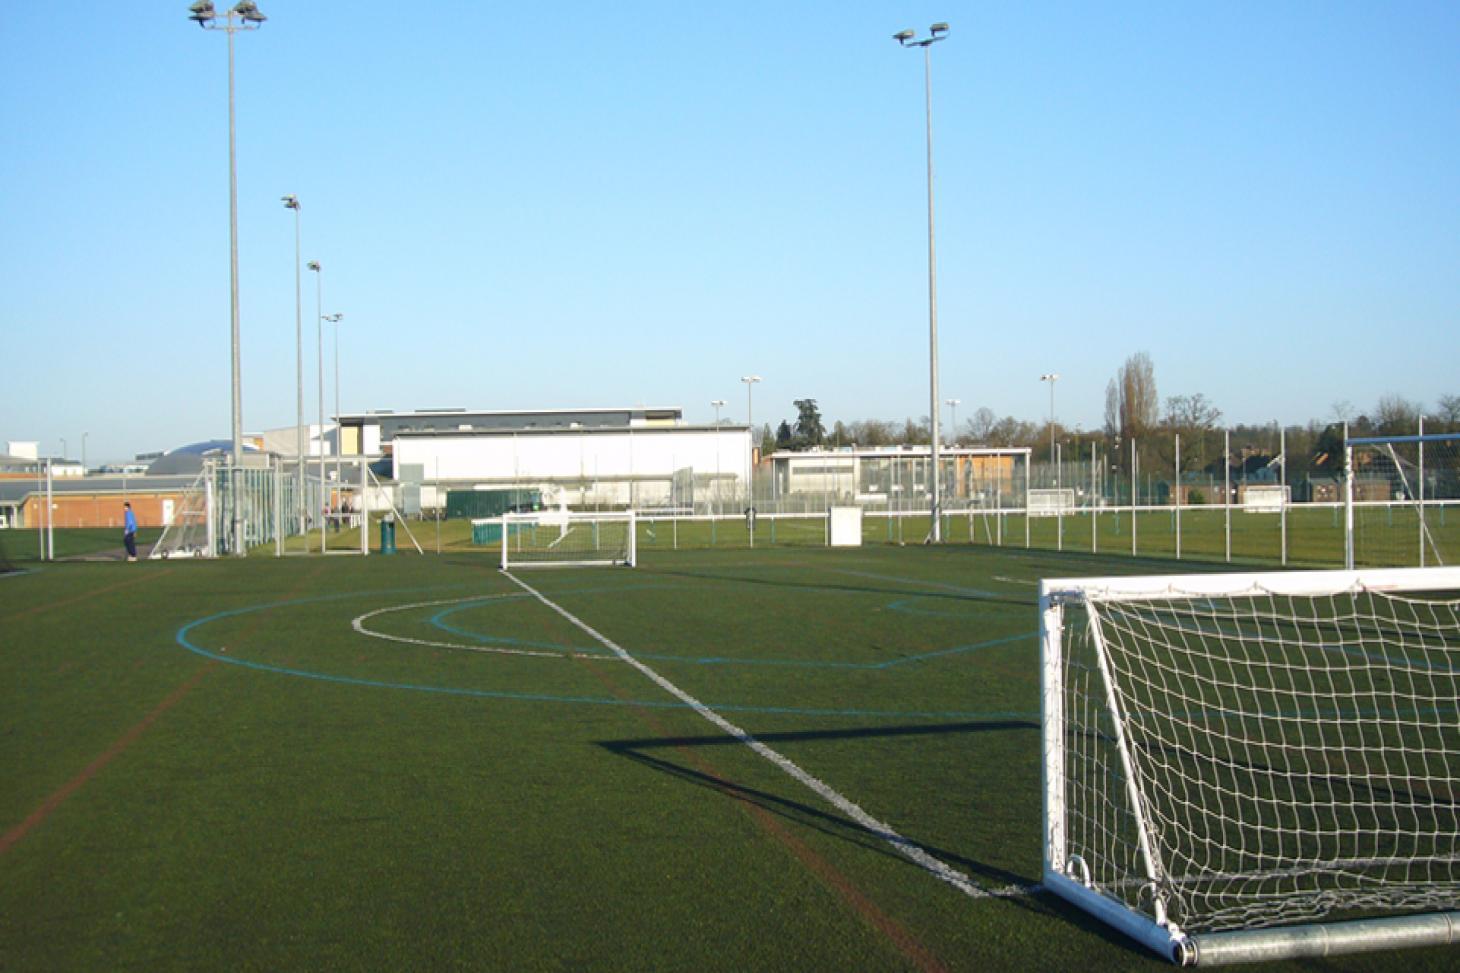 Hertfordshire Sports Village Outdoor   Astroturf hockey pitch